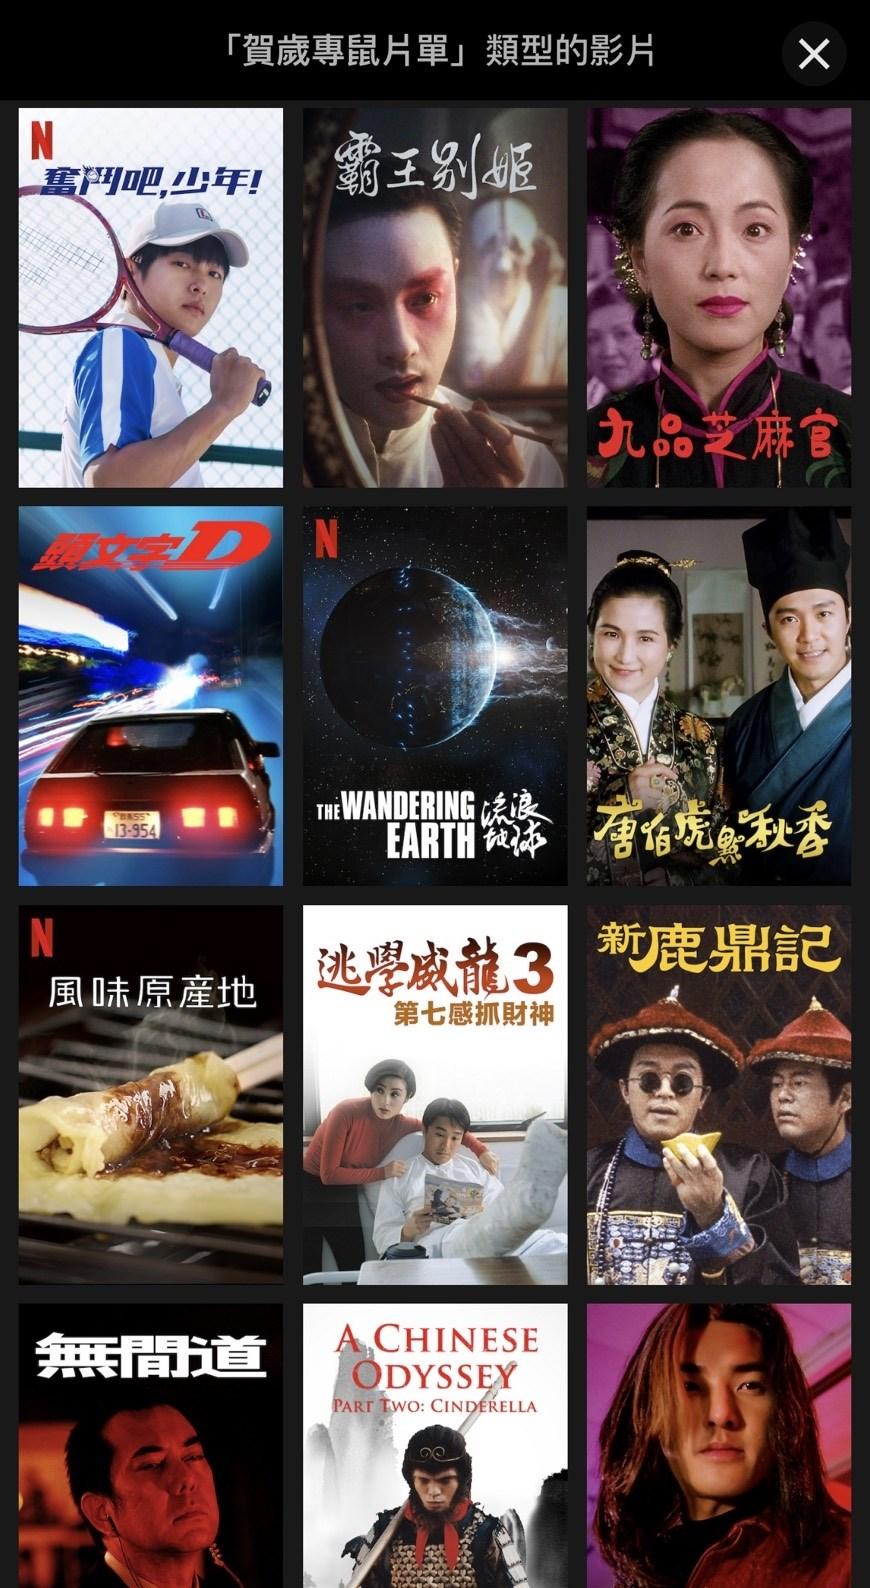 Netflix 21日宣布獨家在台灣、香港、新加坡、馬來西亞、越南共5個地區推出賀歲片單,其中包含「賭神」、「九品芝麻官」等超過百部的華語賀歲內容,積極搶攻華語市場。(圖取自Netflix網頁netflix.com/tw)